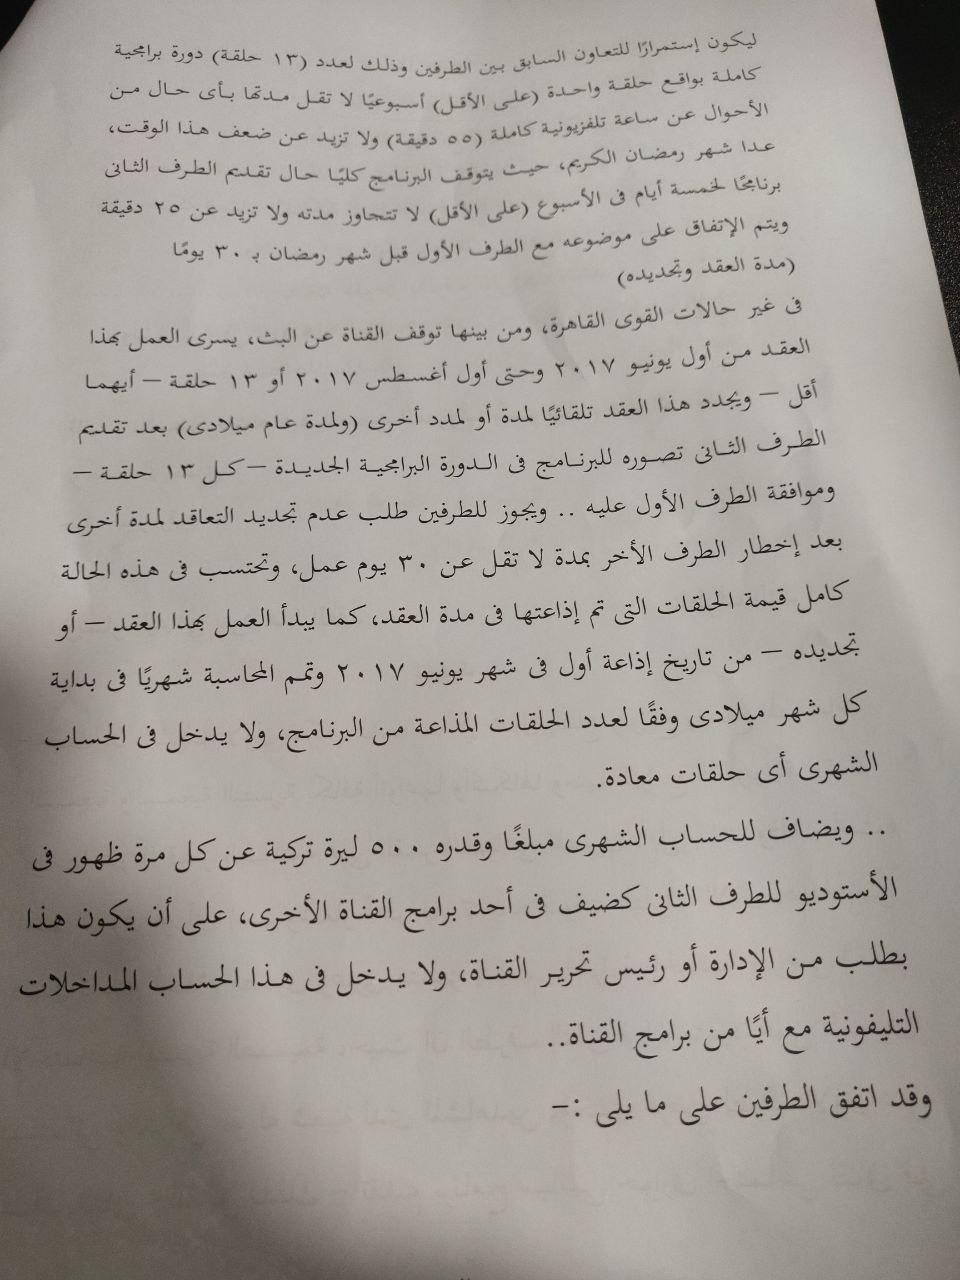 عقد هشام عبد الحميد مع قناة الشرق